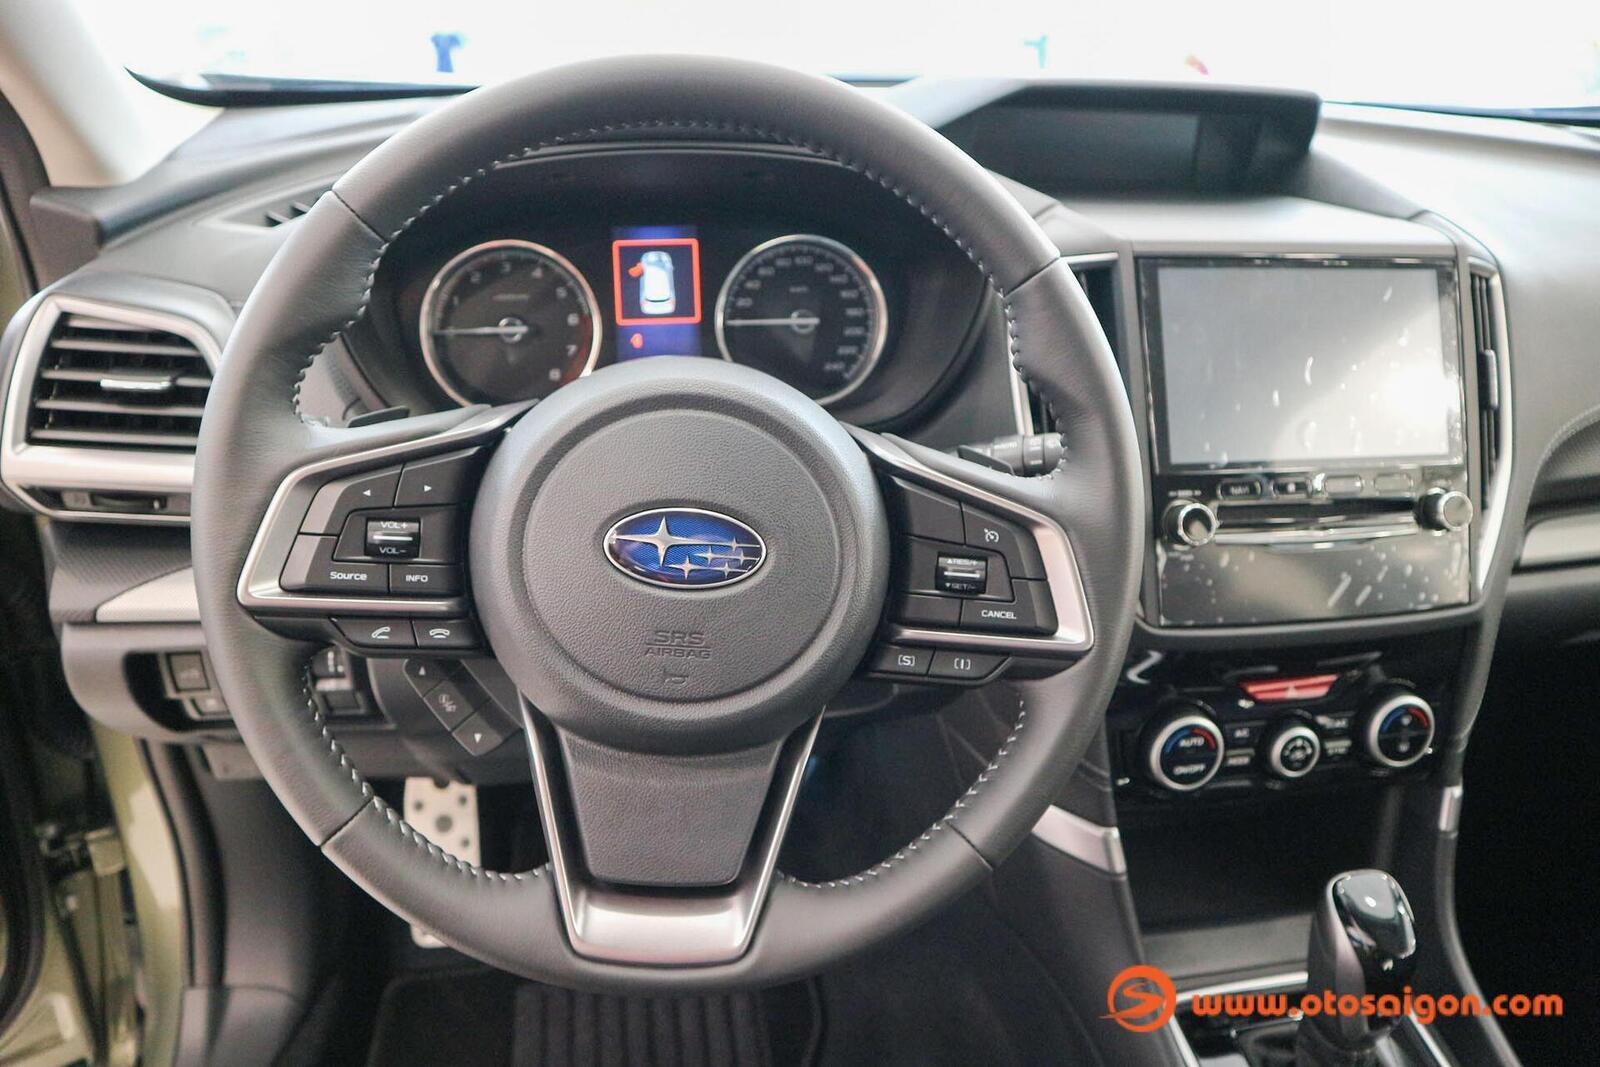 Cận cảnh Subaru Forester thế hệ mới nhập Thái sắp ra mắt tại Việt Nam | SUBARU - Hình 9